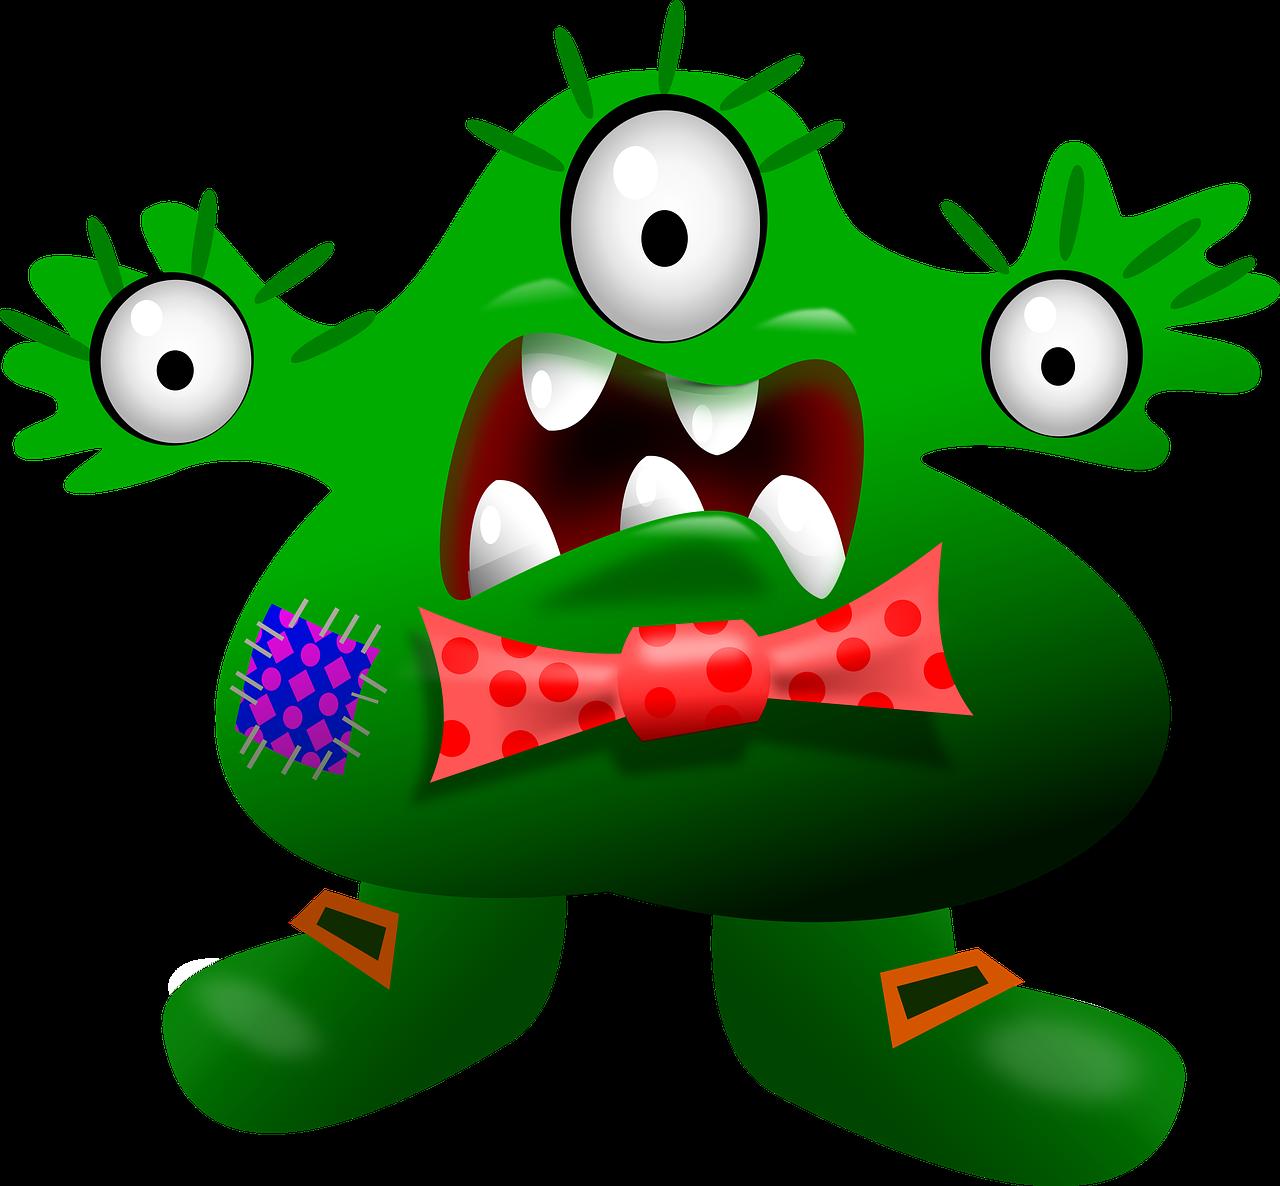 Monster Cartoon Halloween Alien PNG.